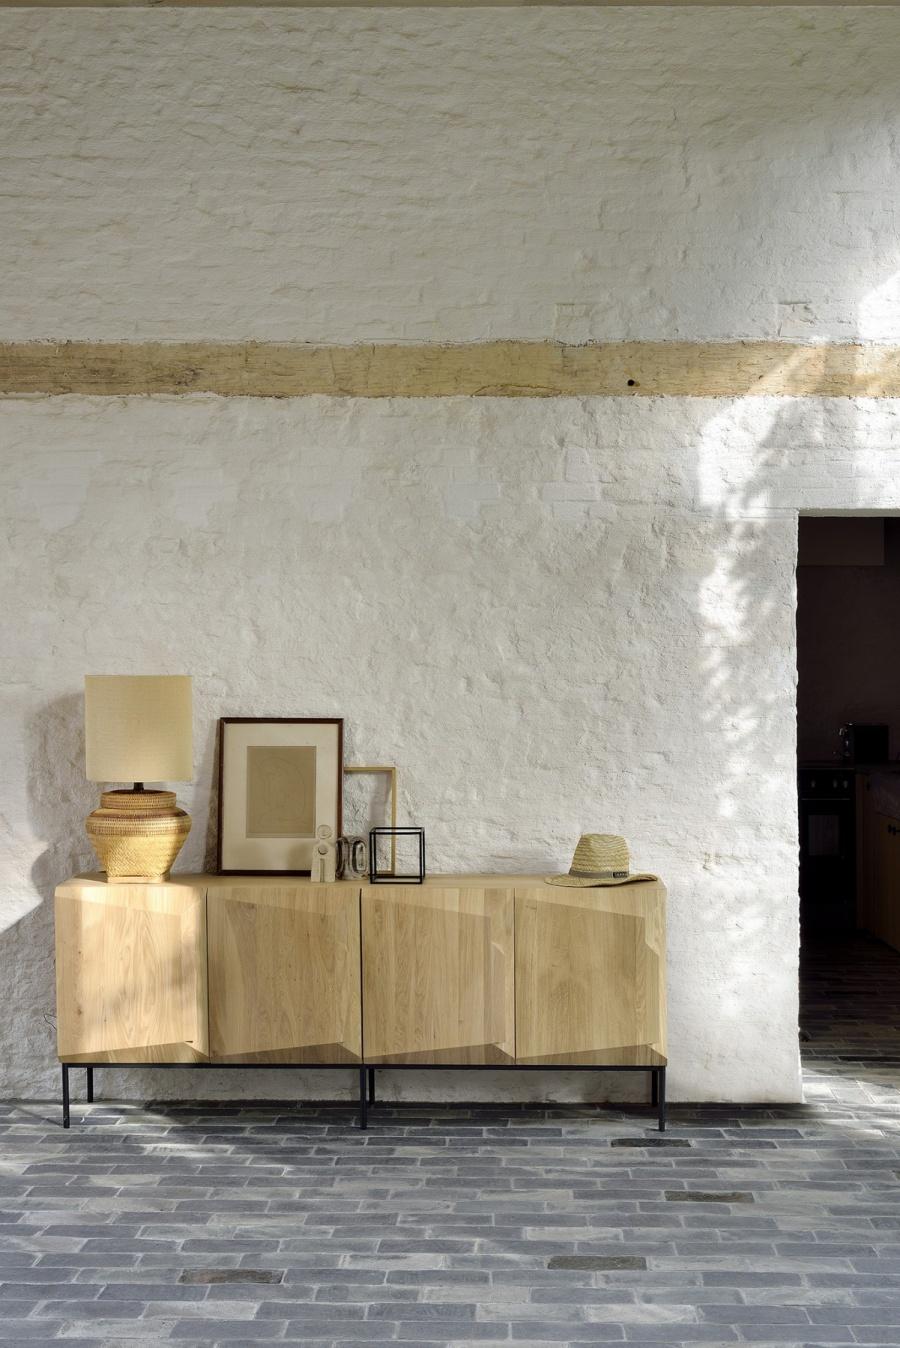 Ethnicraft - Tuinstoelen - Ex 1 tuinstoel